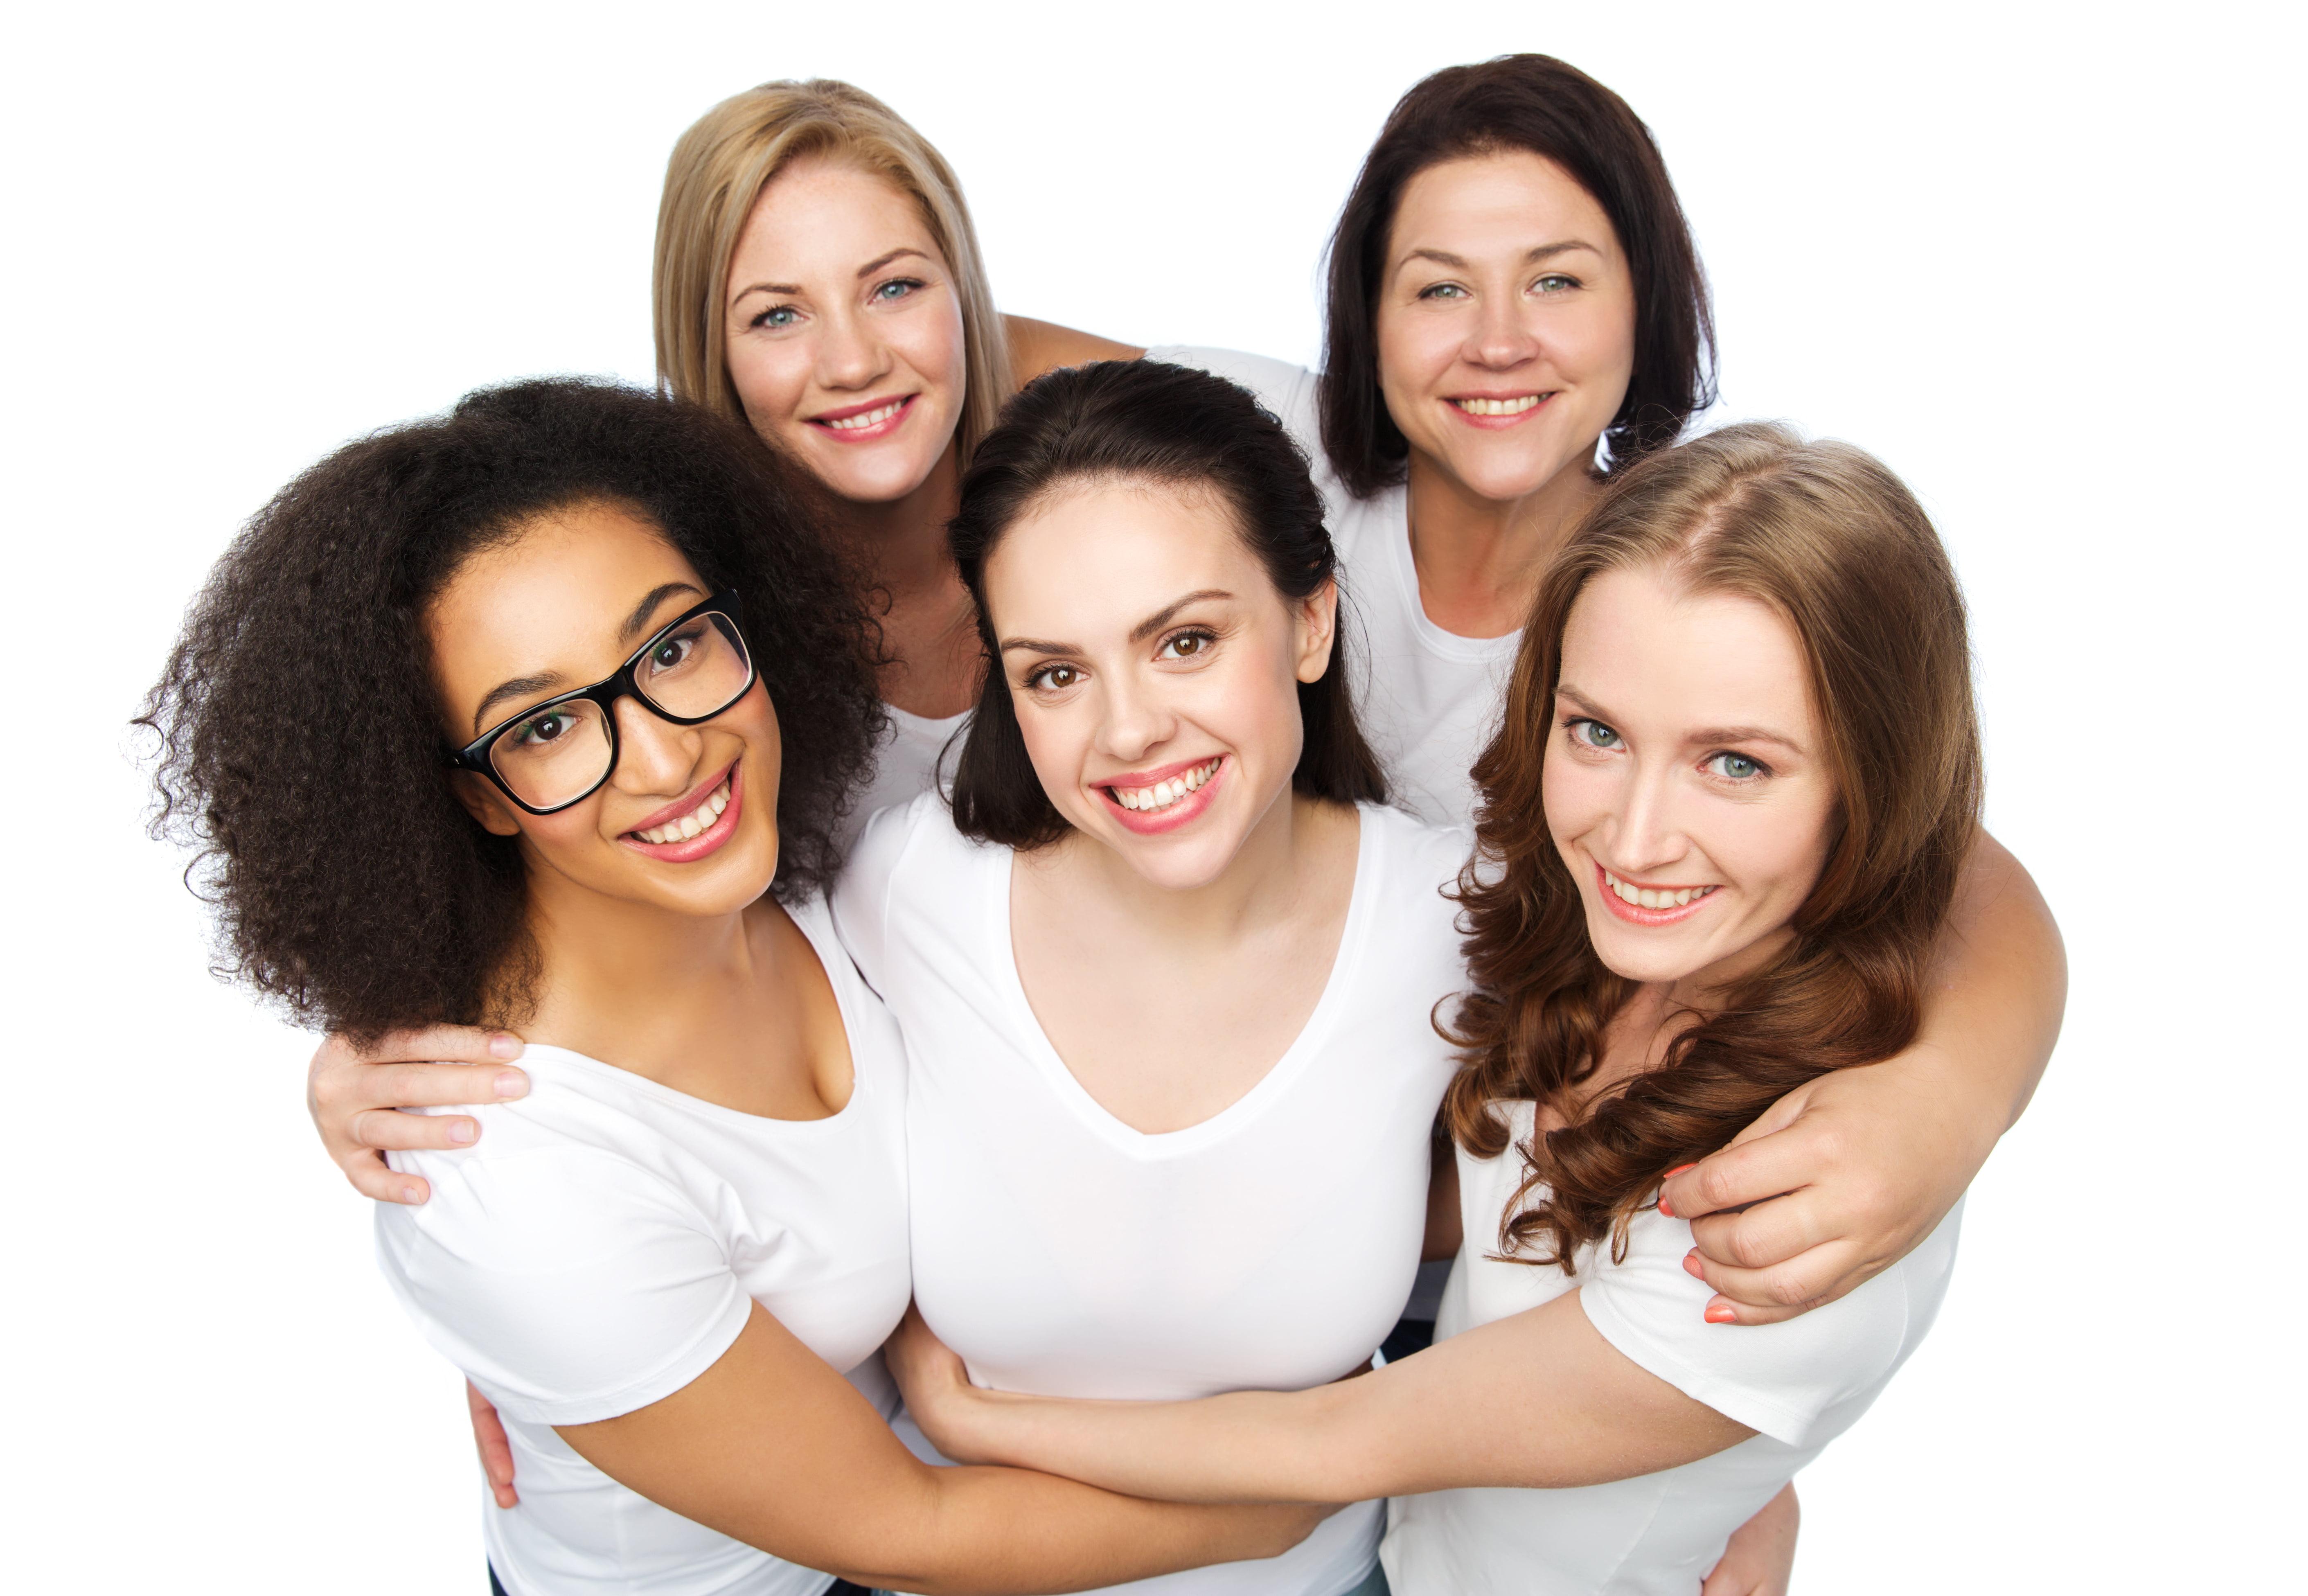 Jesteśmy idealnym producentem suplementów diety i kosmetyków również dla firm branży sprzedaży bezpośredniej i marketingu sieciowego mlm